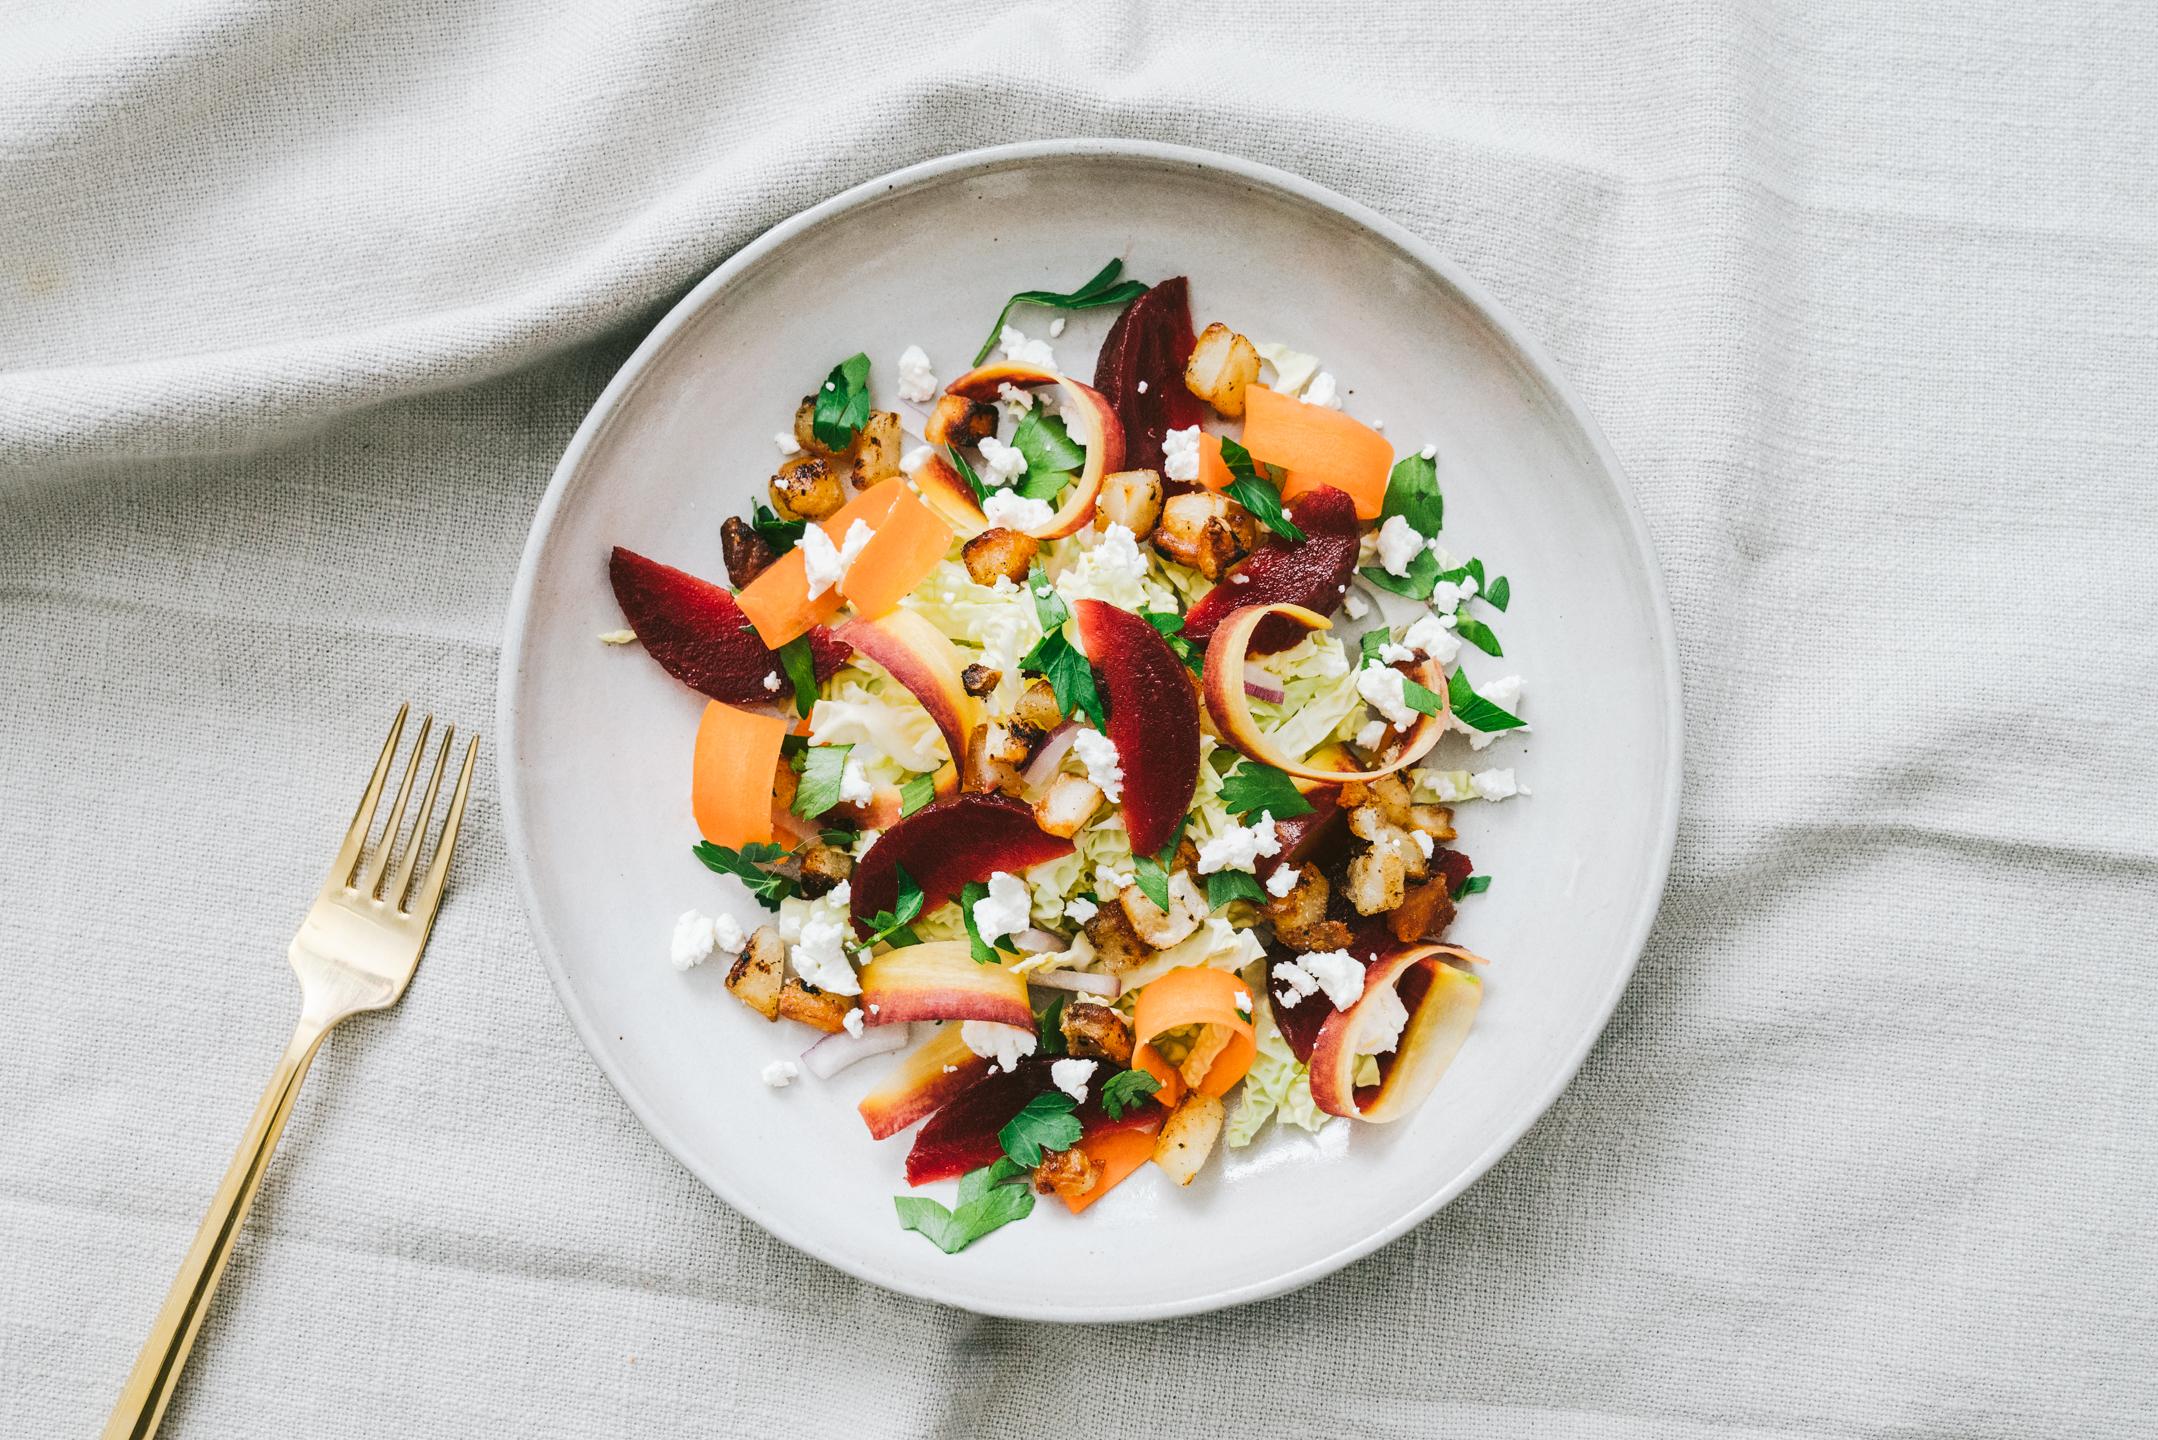 Winter Deconstructed Borscht Salad (But Better)